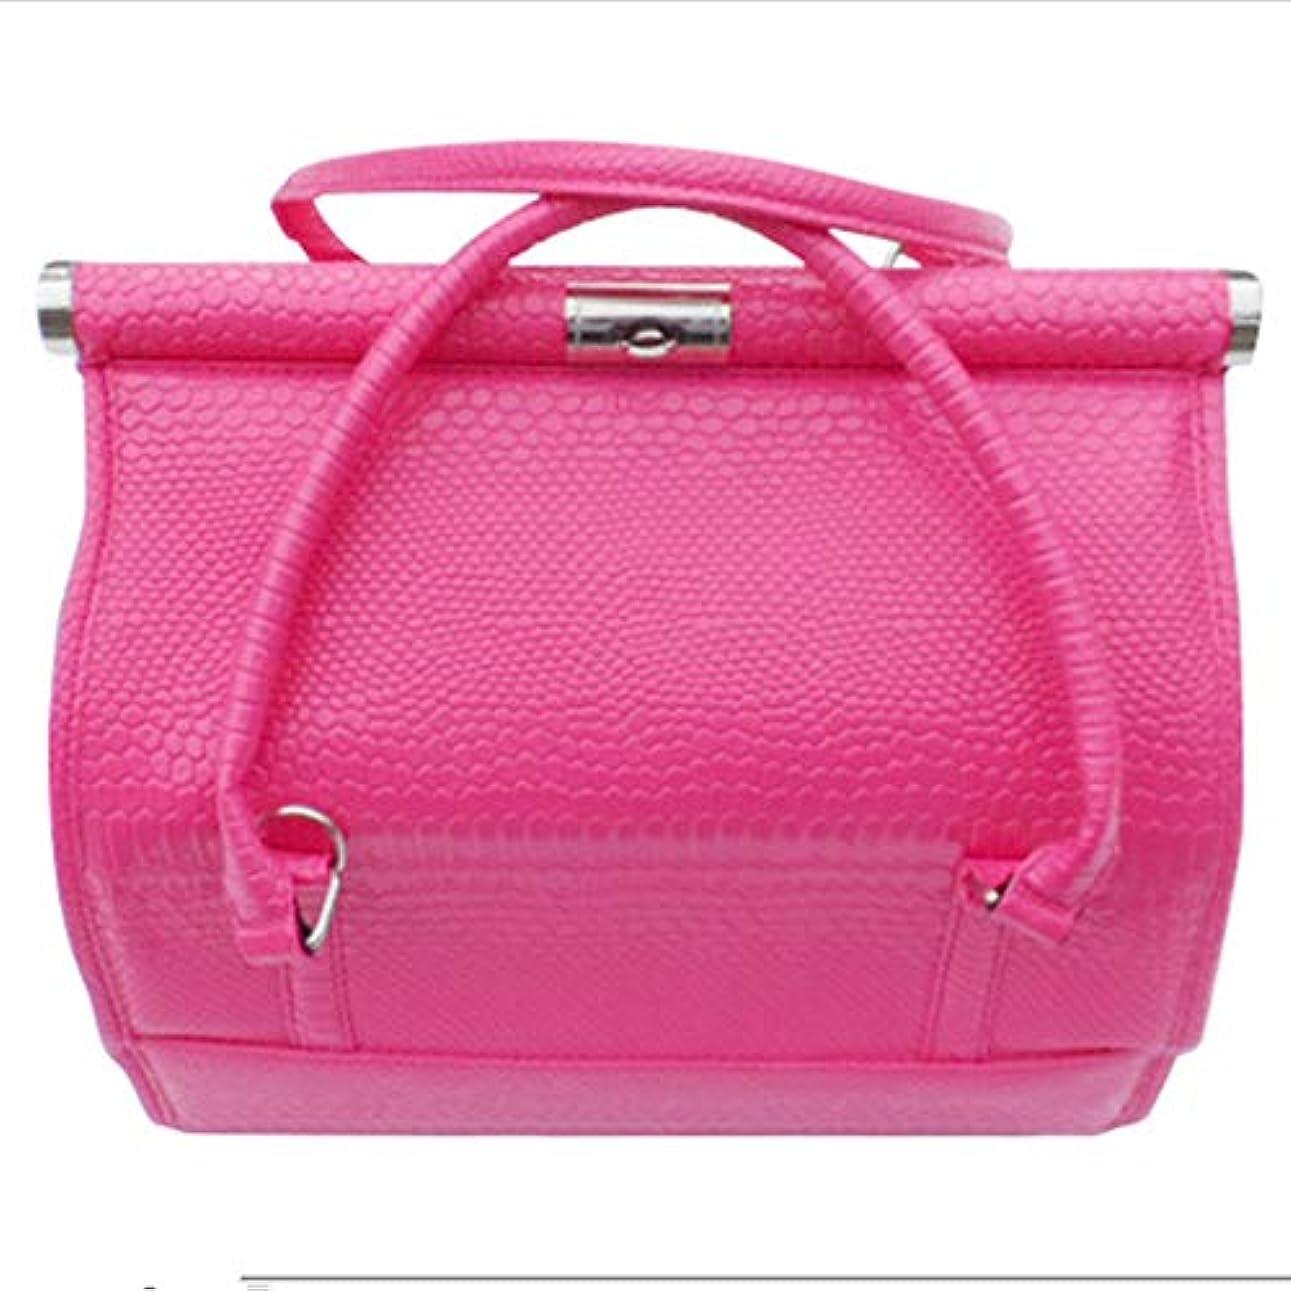 着替える口頭ドーム化粧オーガナイザーバッグ 女性の女性のための美容メイクアップのためのポータブル化粧品バッグ旅行と折り畳みトレイで毎日のストレージ 化粧品ケース